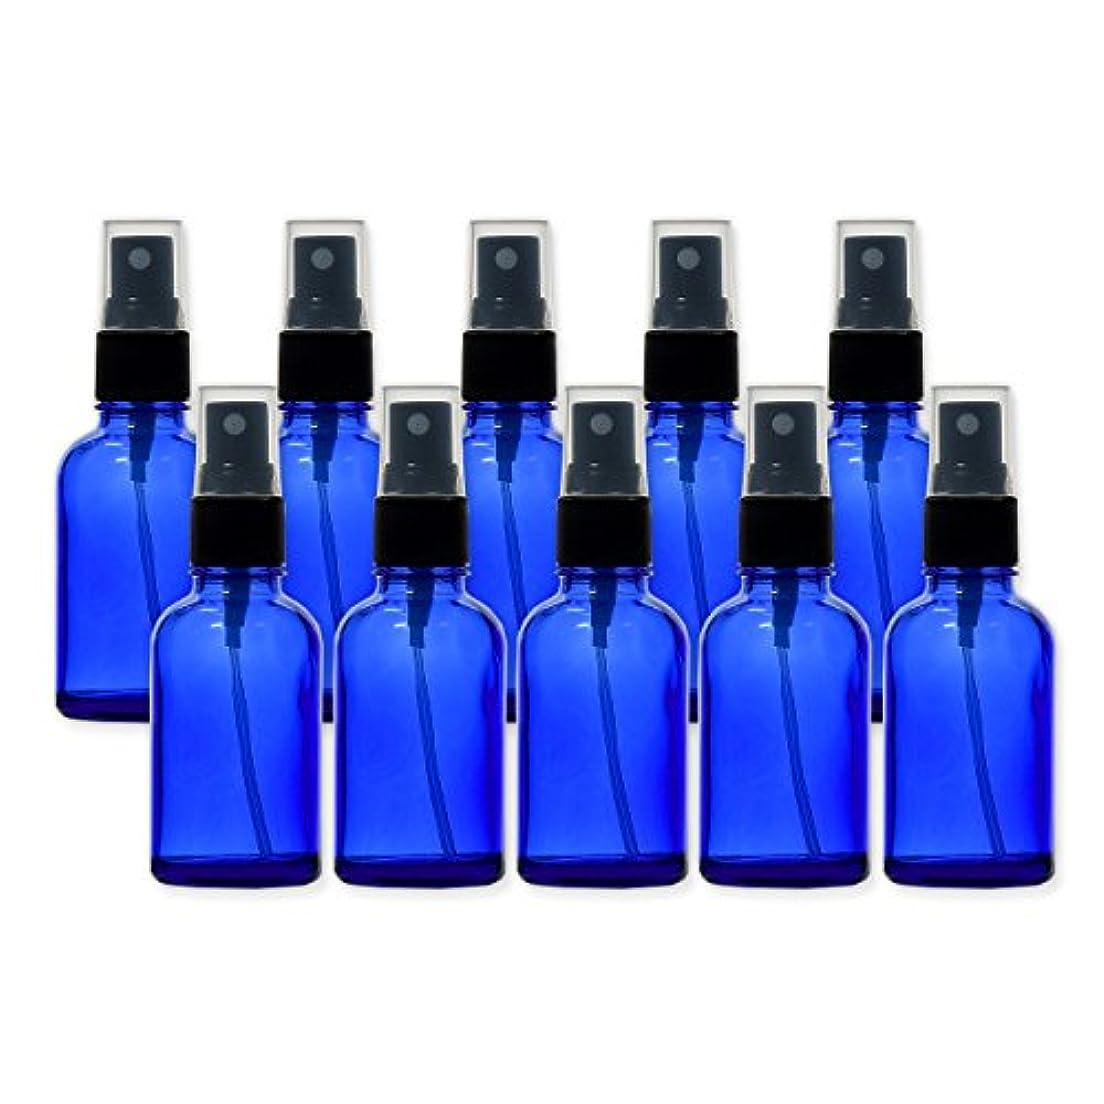 に負ける削除する熱心な青色ガラススプレーボトル 50ml (10本セット)